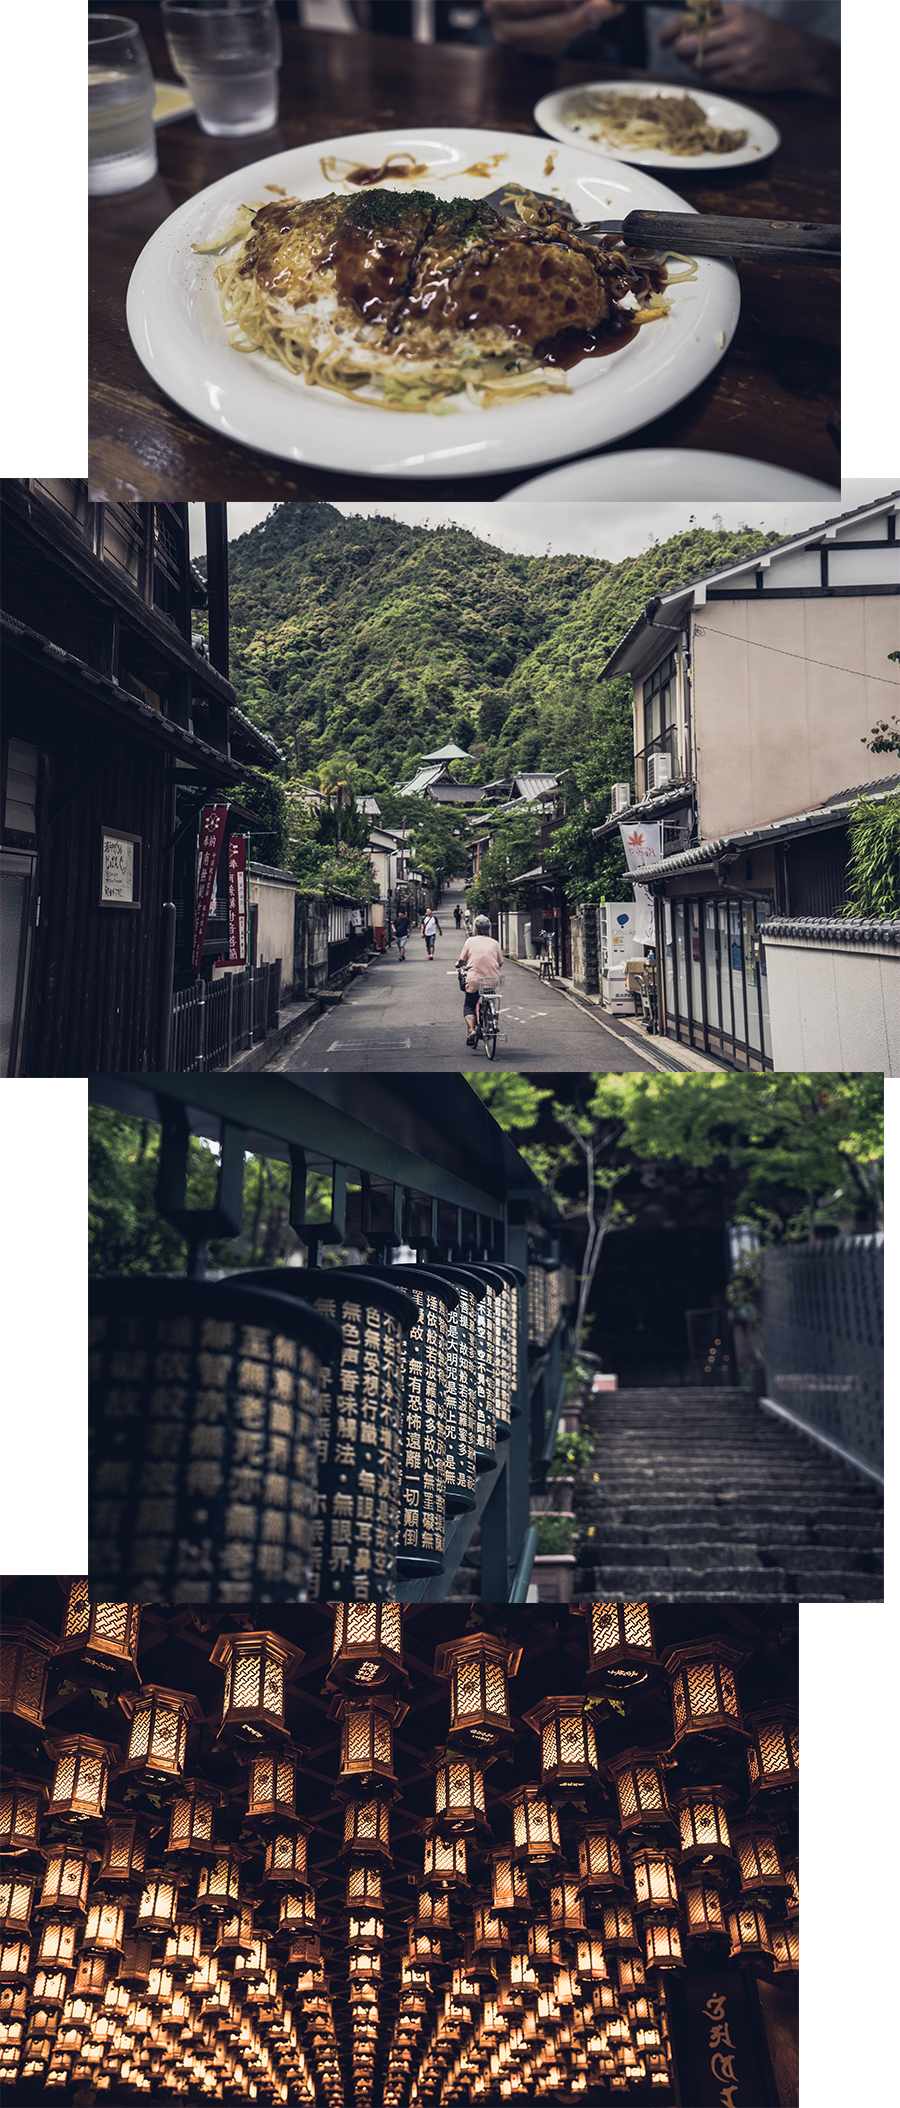 L'île de Miyajima et ses beautés, par Côté Hublot, Japon